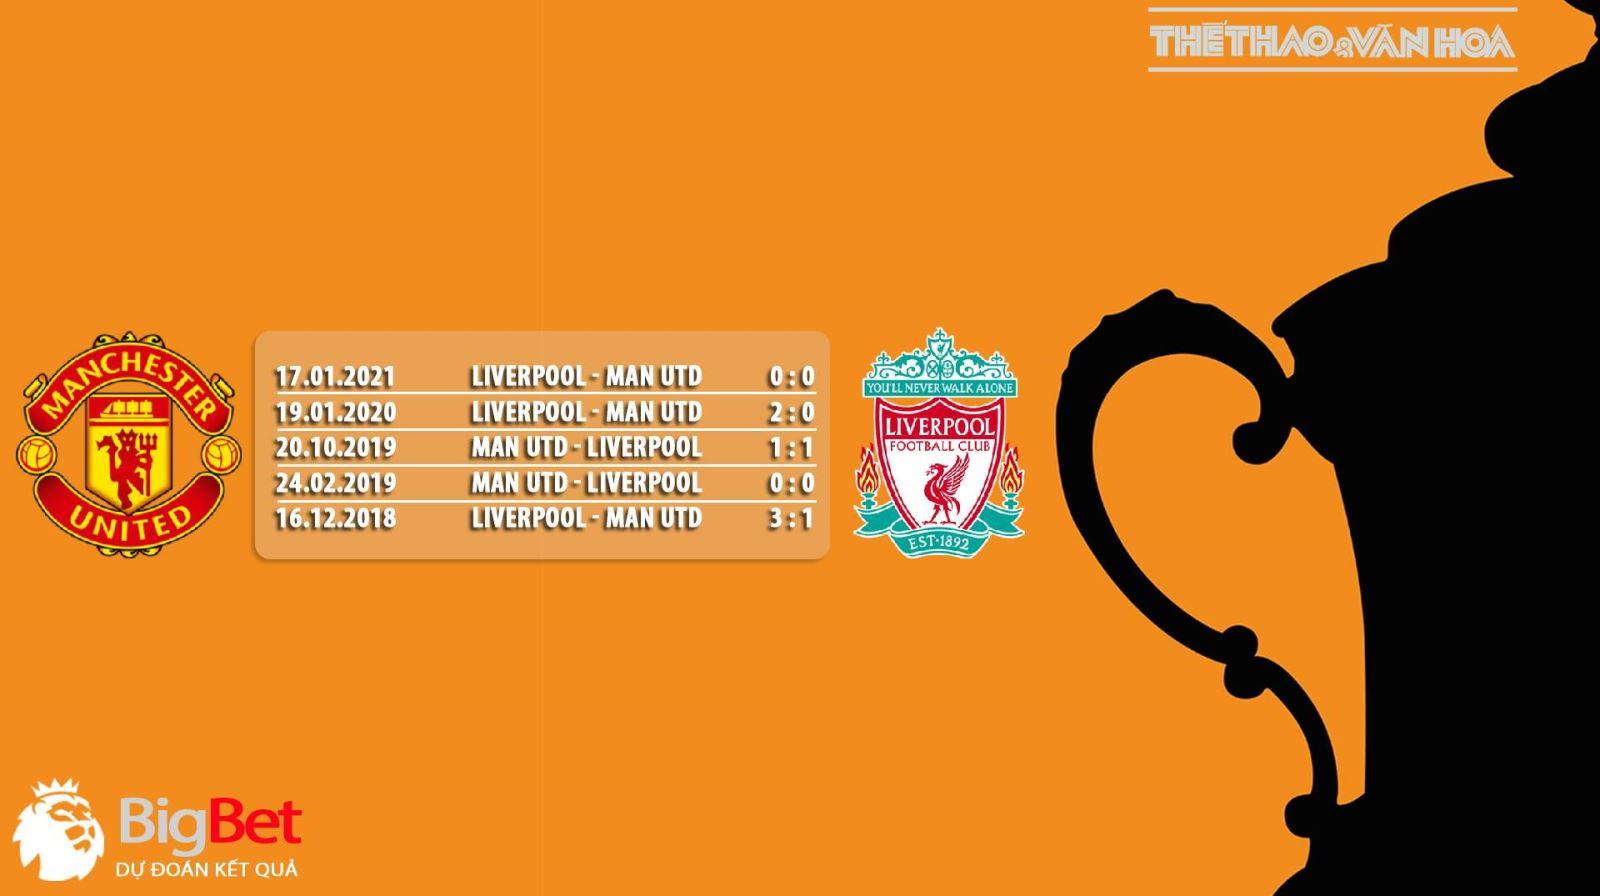 Link xem trực tiếpMU vs Liverpool, trực tiếp bóng đá, MU vs Liverpool, MU-Liverpool, FPT Play, SCTV17, trực tiếp Liverpool đấu với MU, Kèo bóng đá MU vs Liverpool, MU